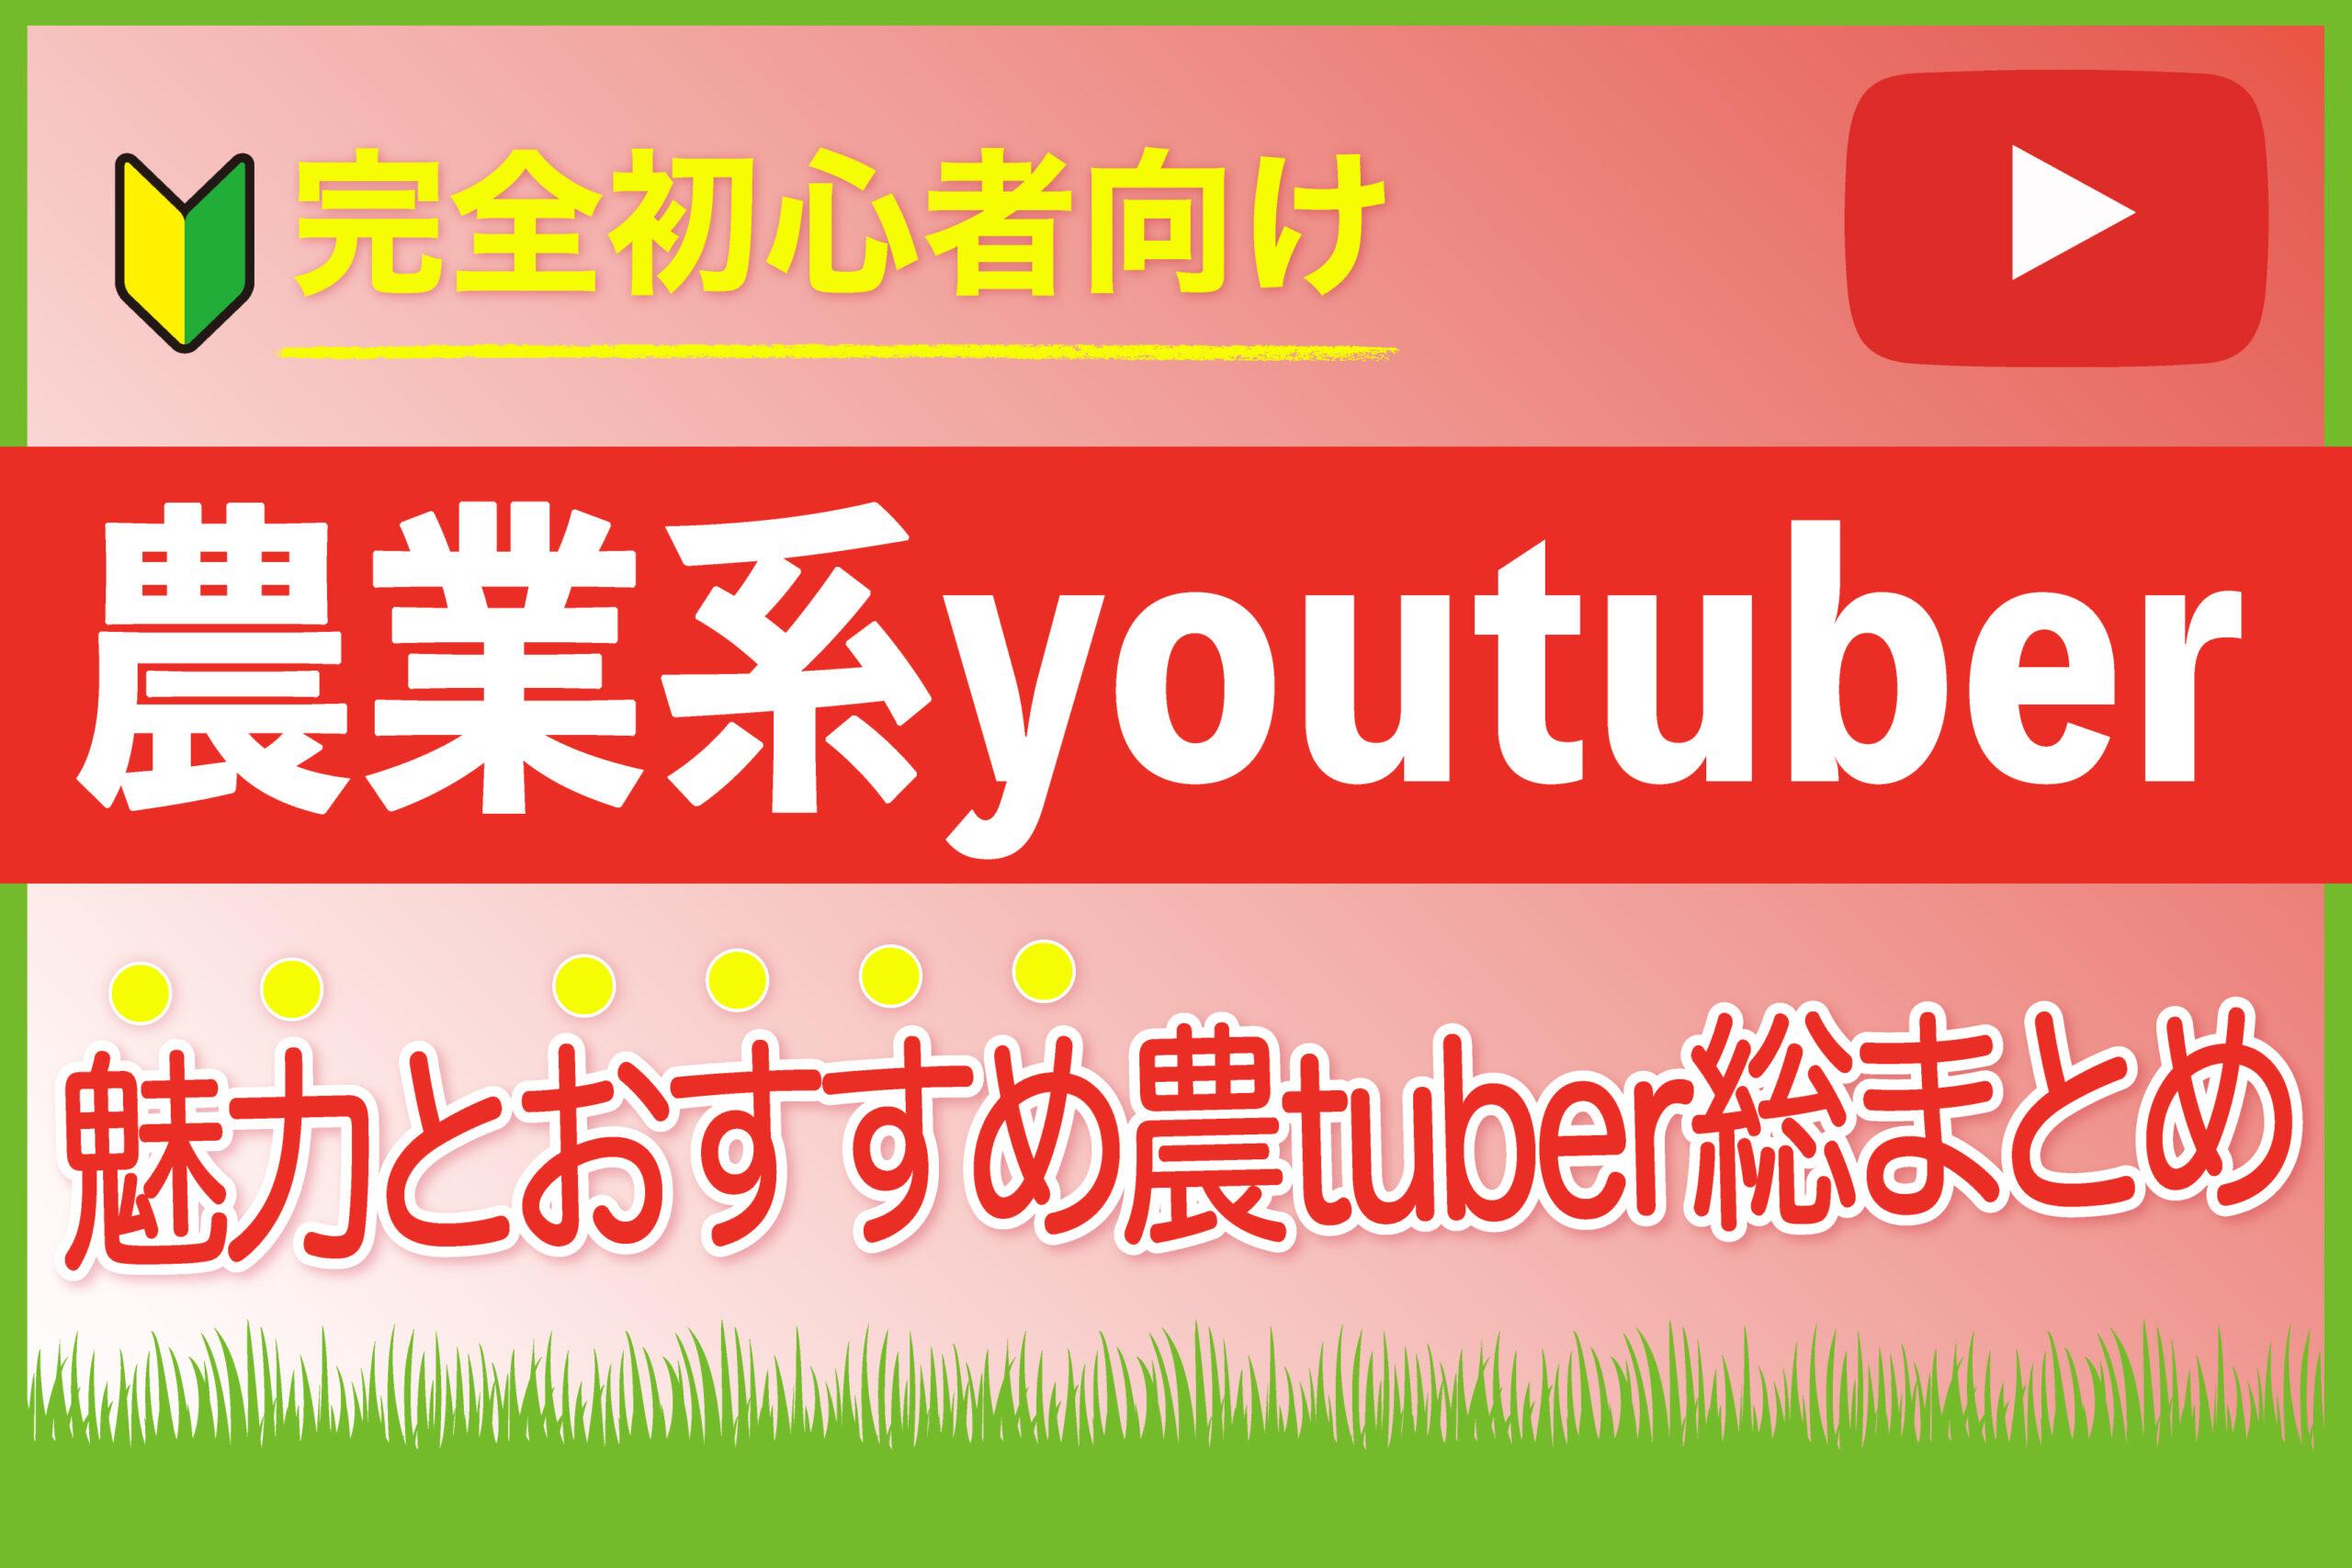 農業系youtuberの魅力とおすすめ農tuber総まとめ